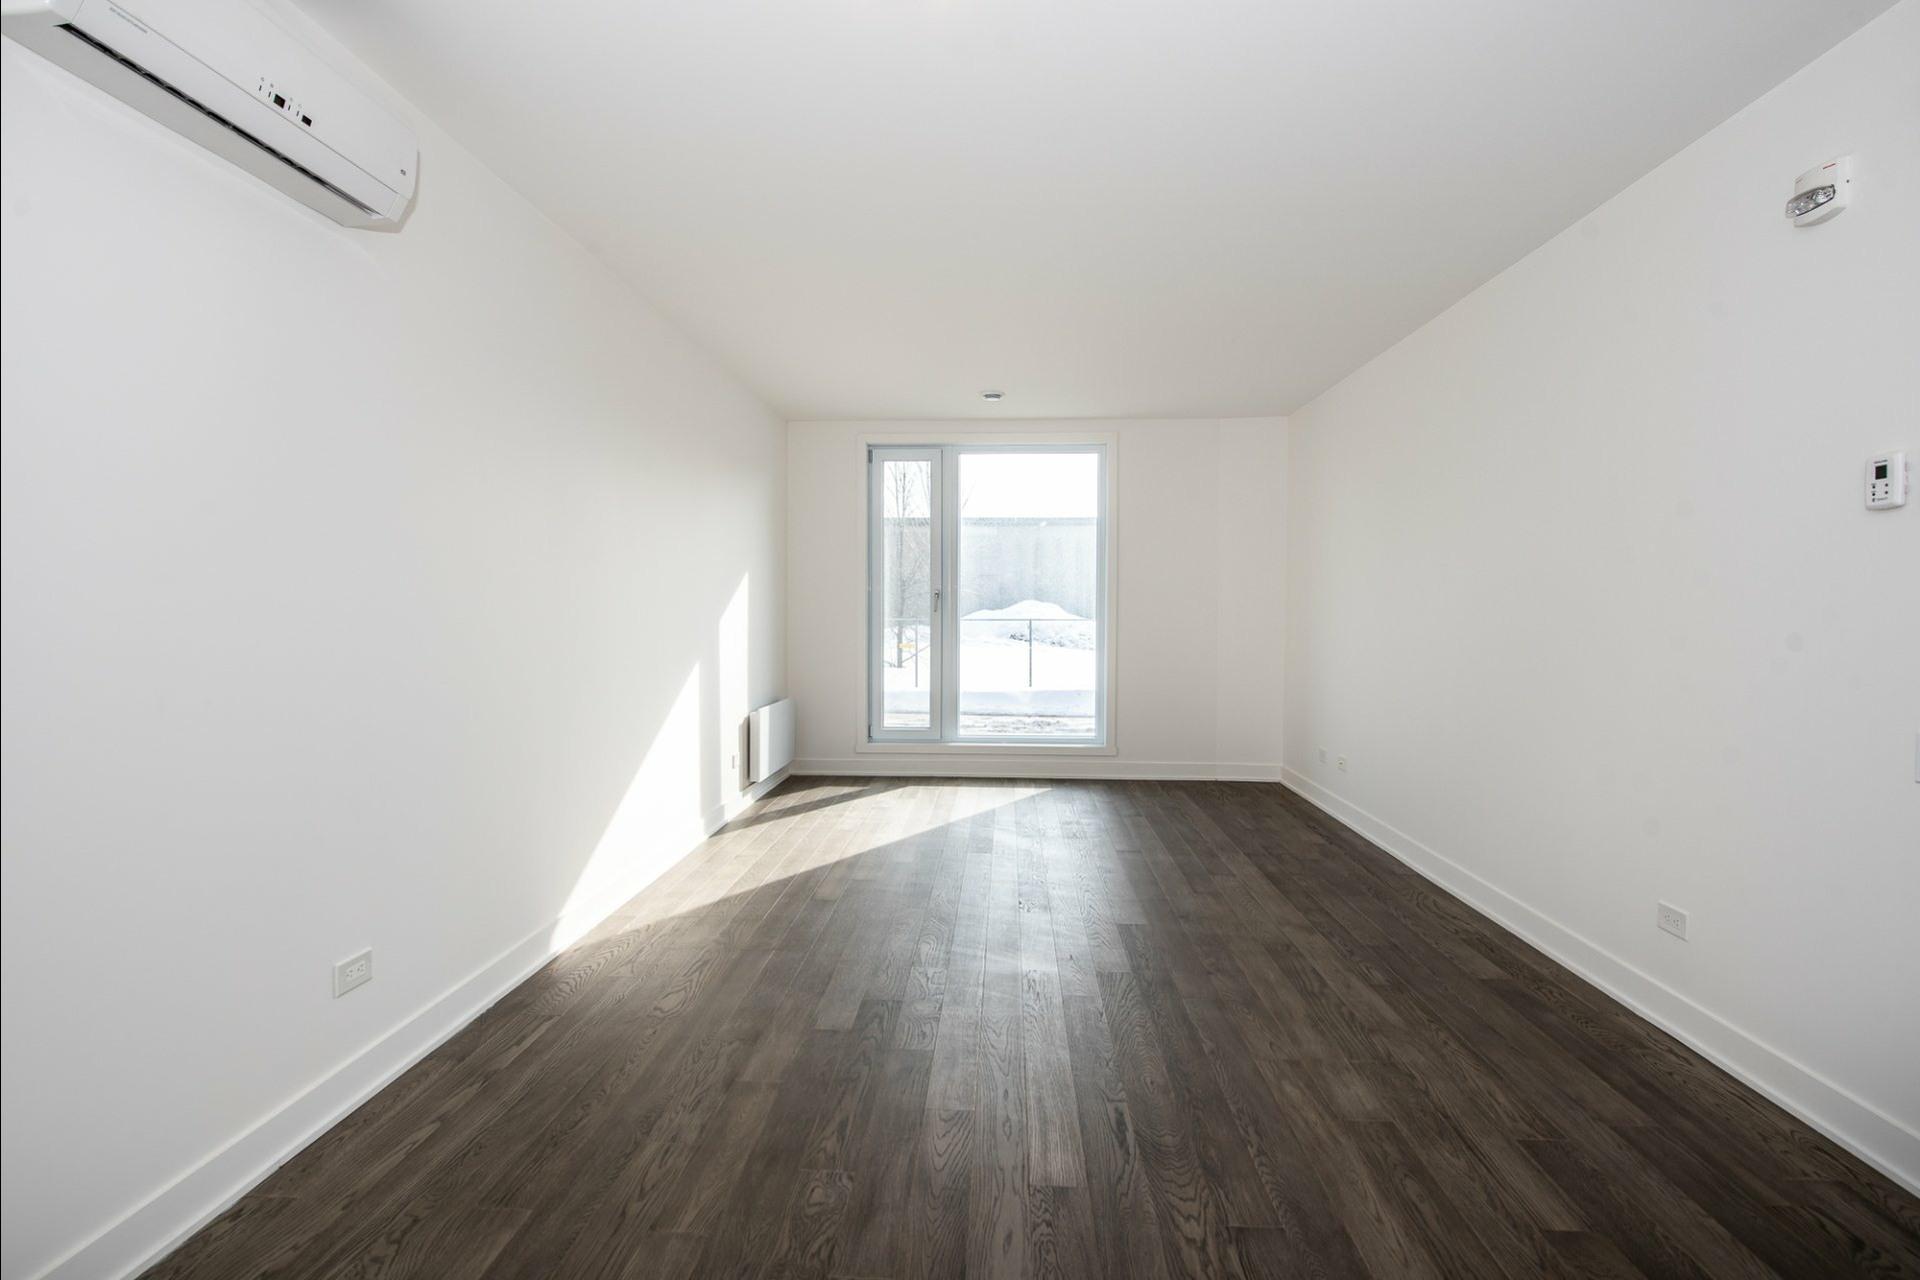 image 9 - Appartement À louer Villeray/Saint-Michel/Parc-Extension Montréal  - 5 pièces